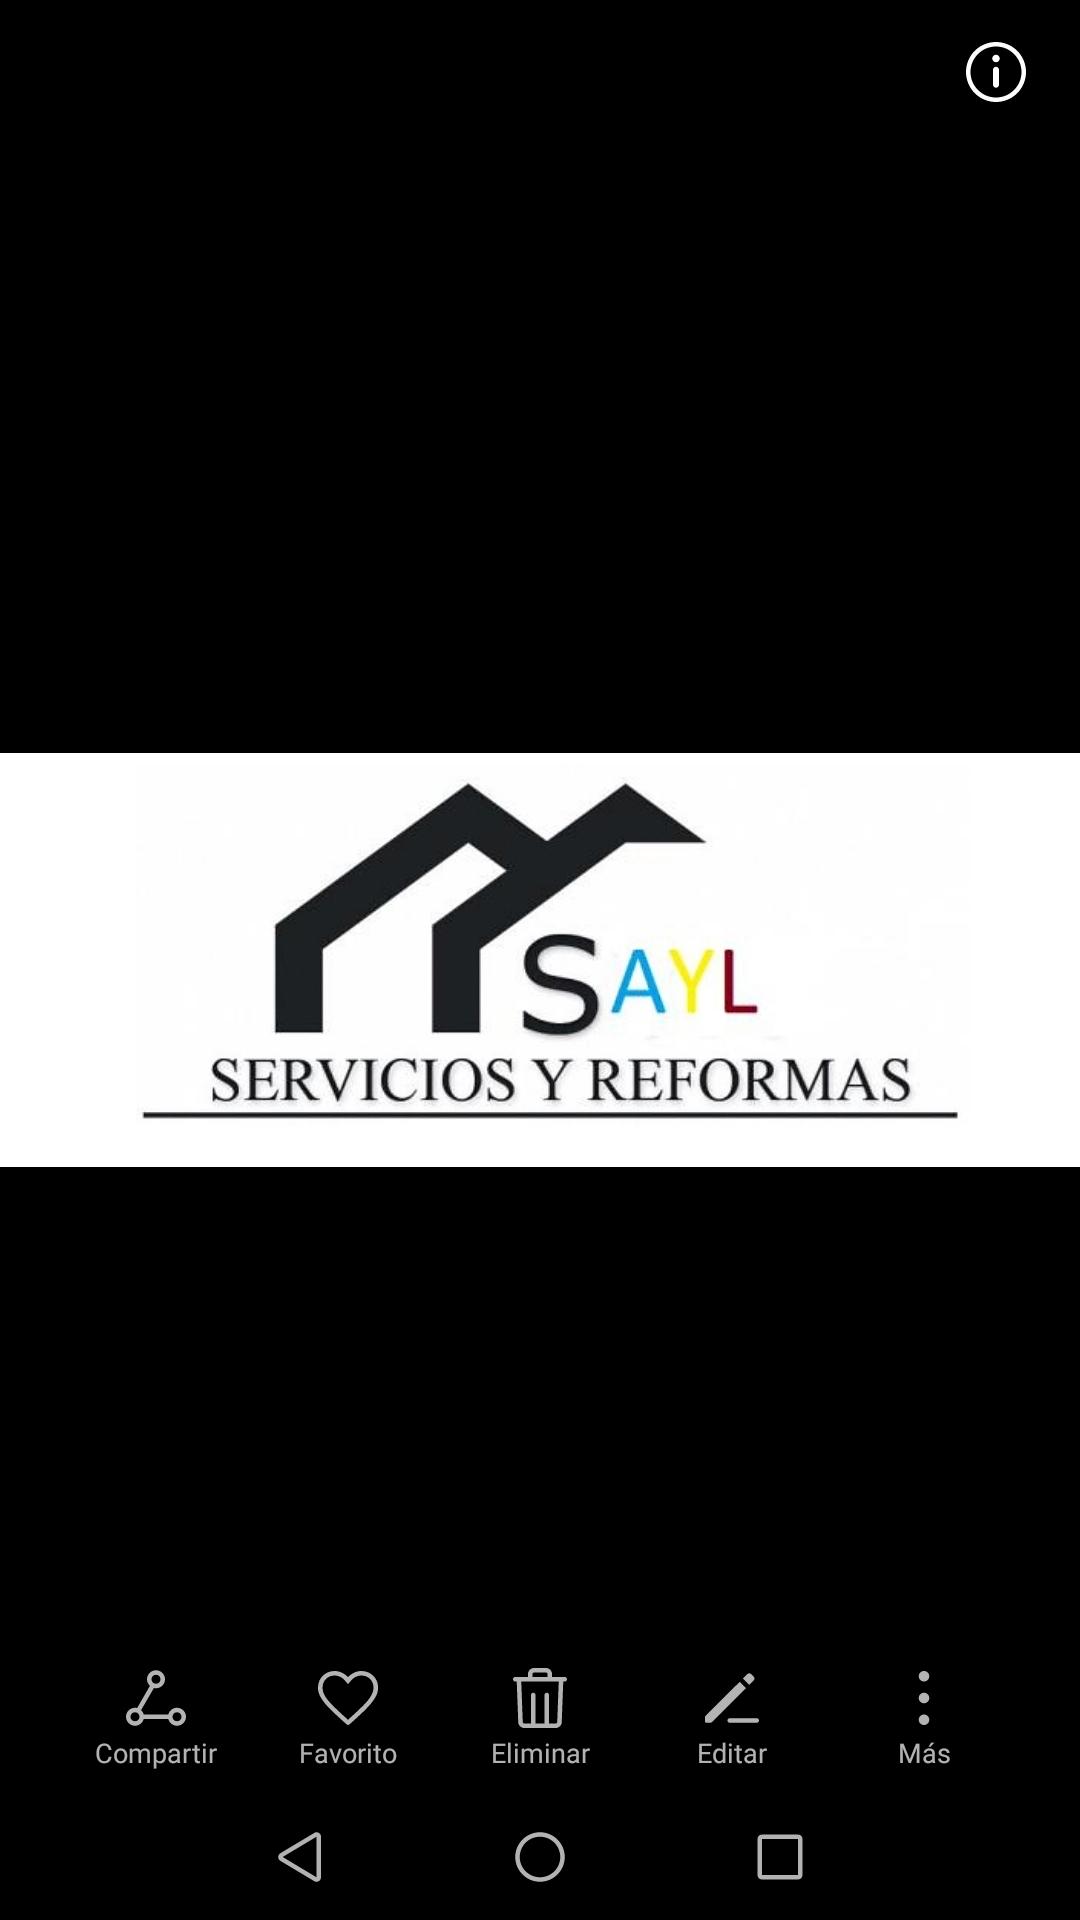 Servicios Y Reformas Sayl